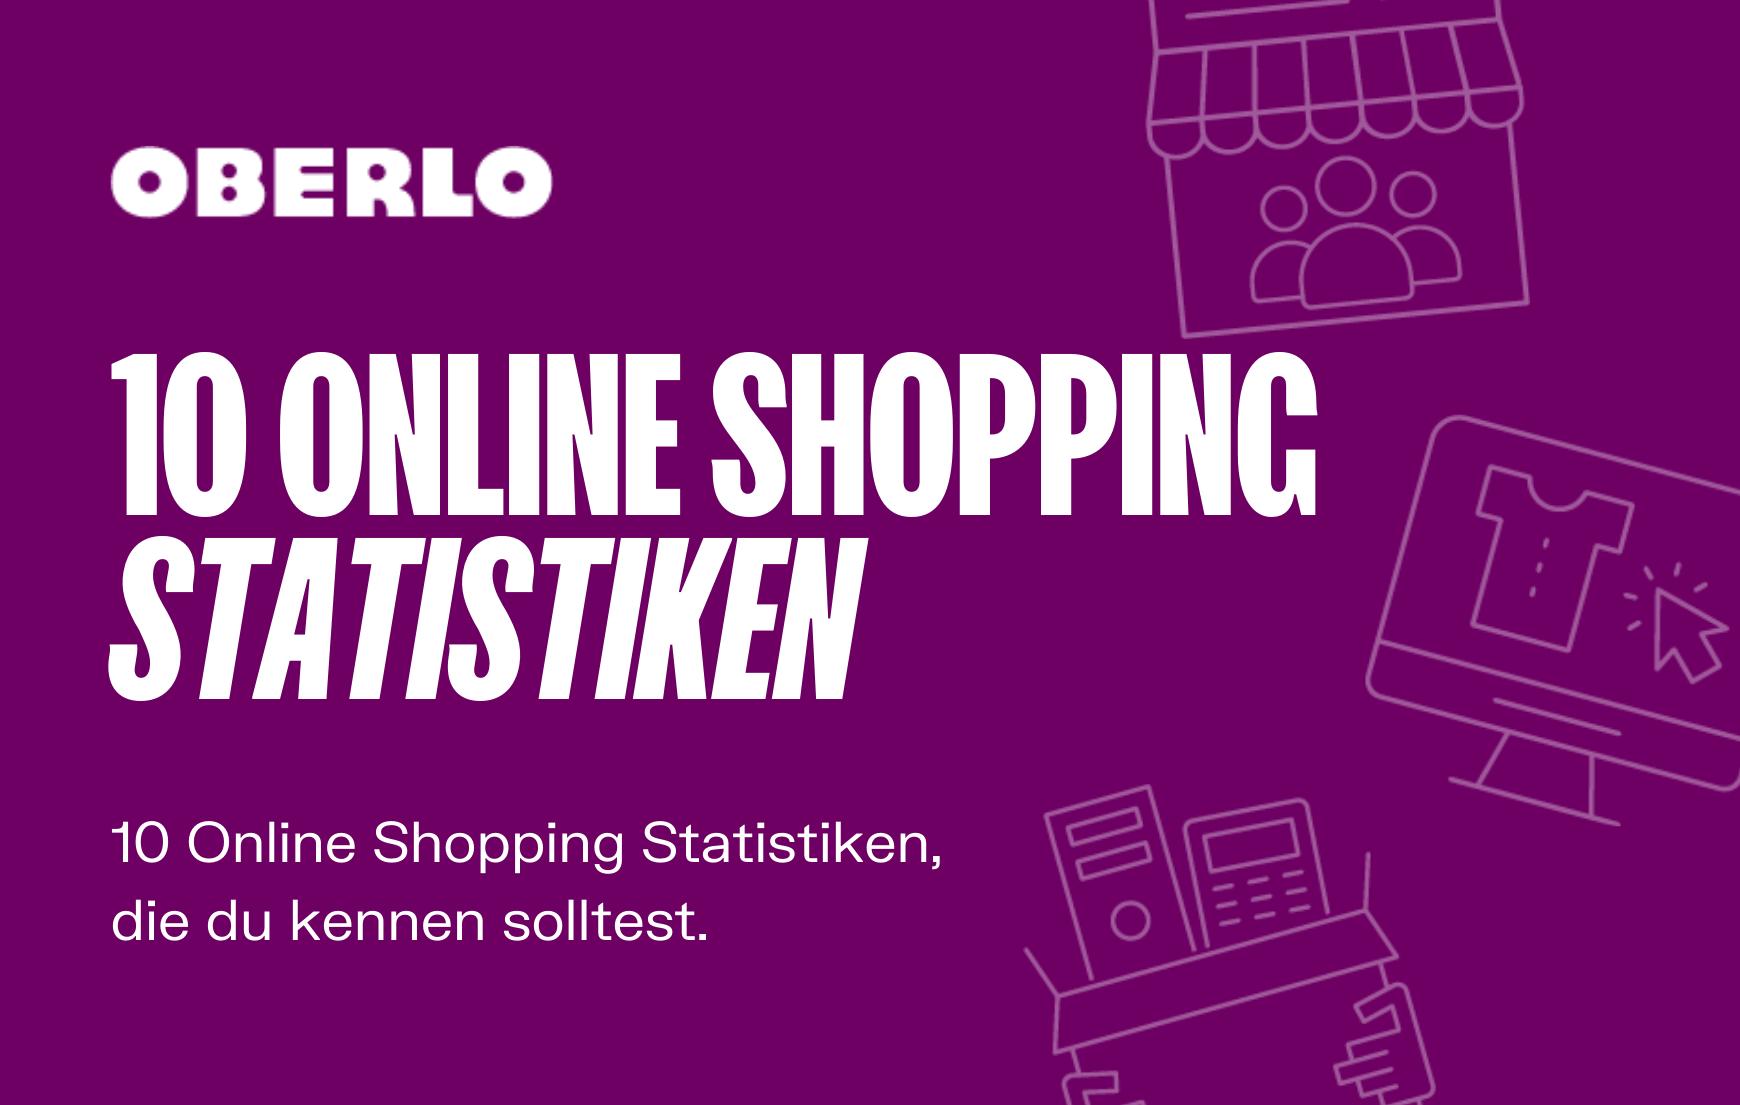 online shopping 2021: 10 statistiken, die du kennen solltest